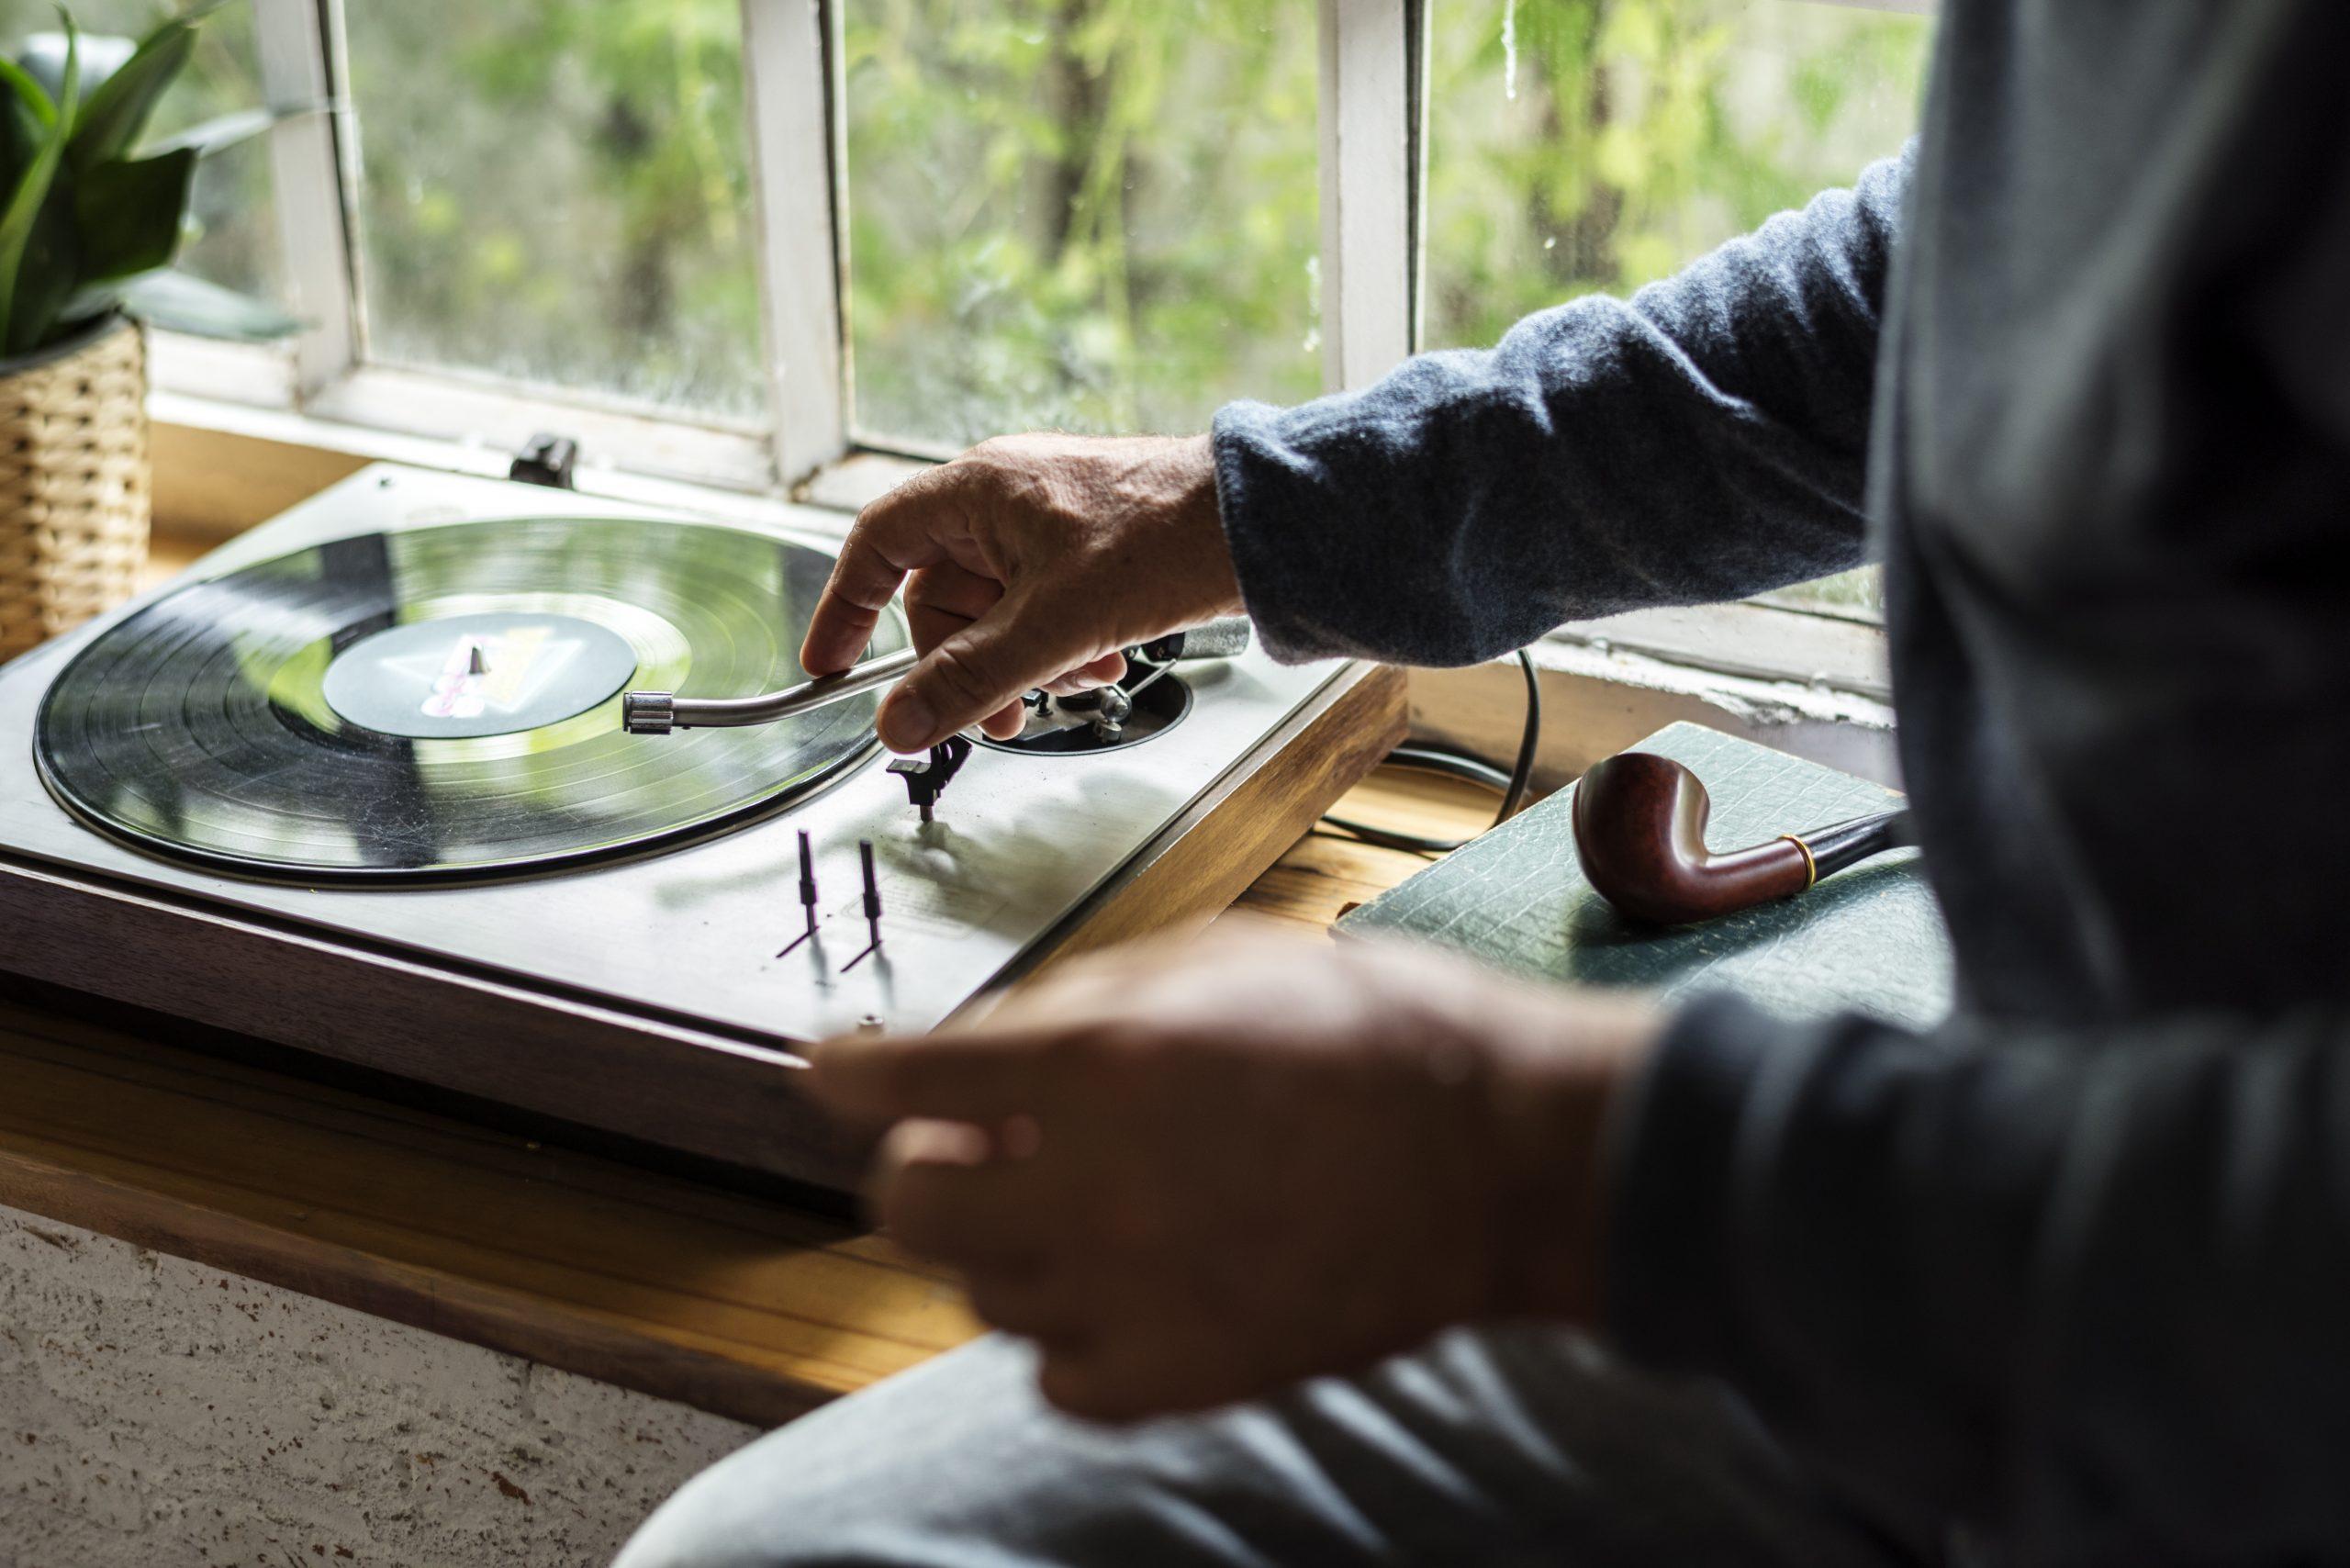 Piringan Hitam, Cara Lain Mendengarkan Musik